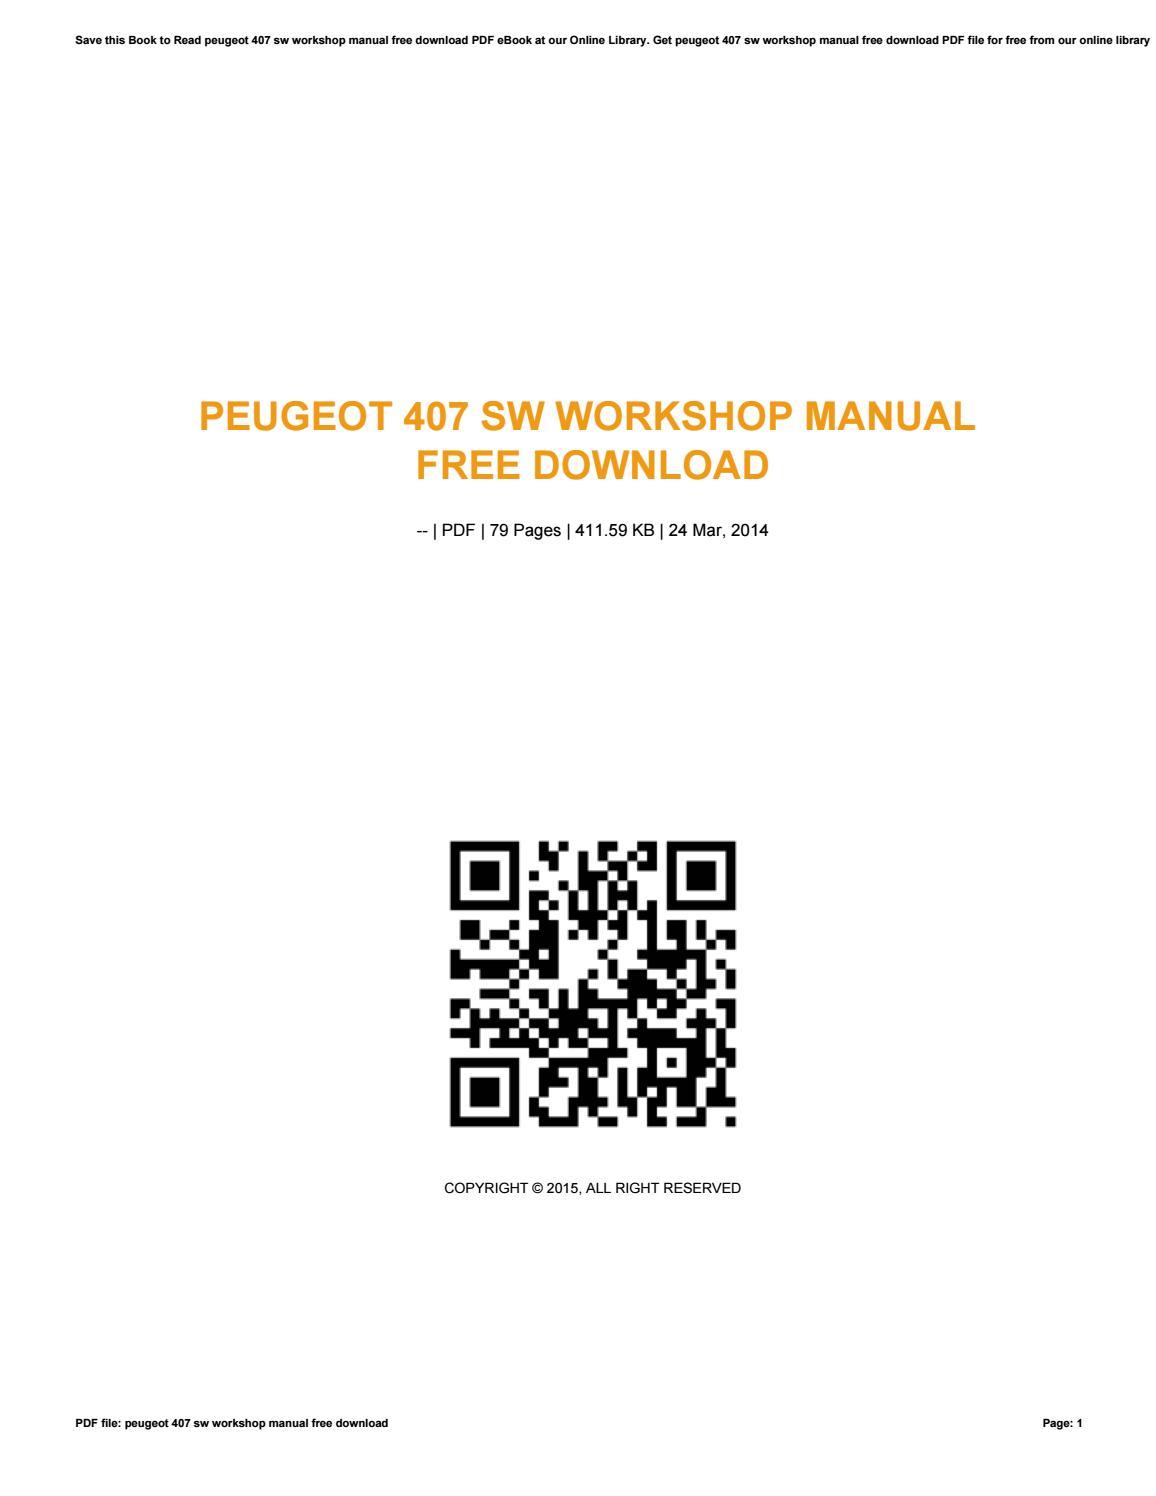 Workshop Manual 407 Sw